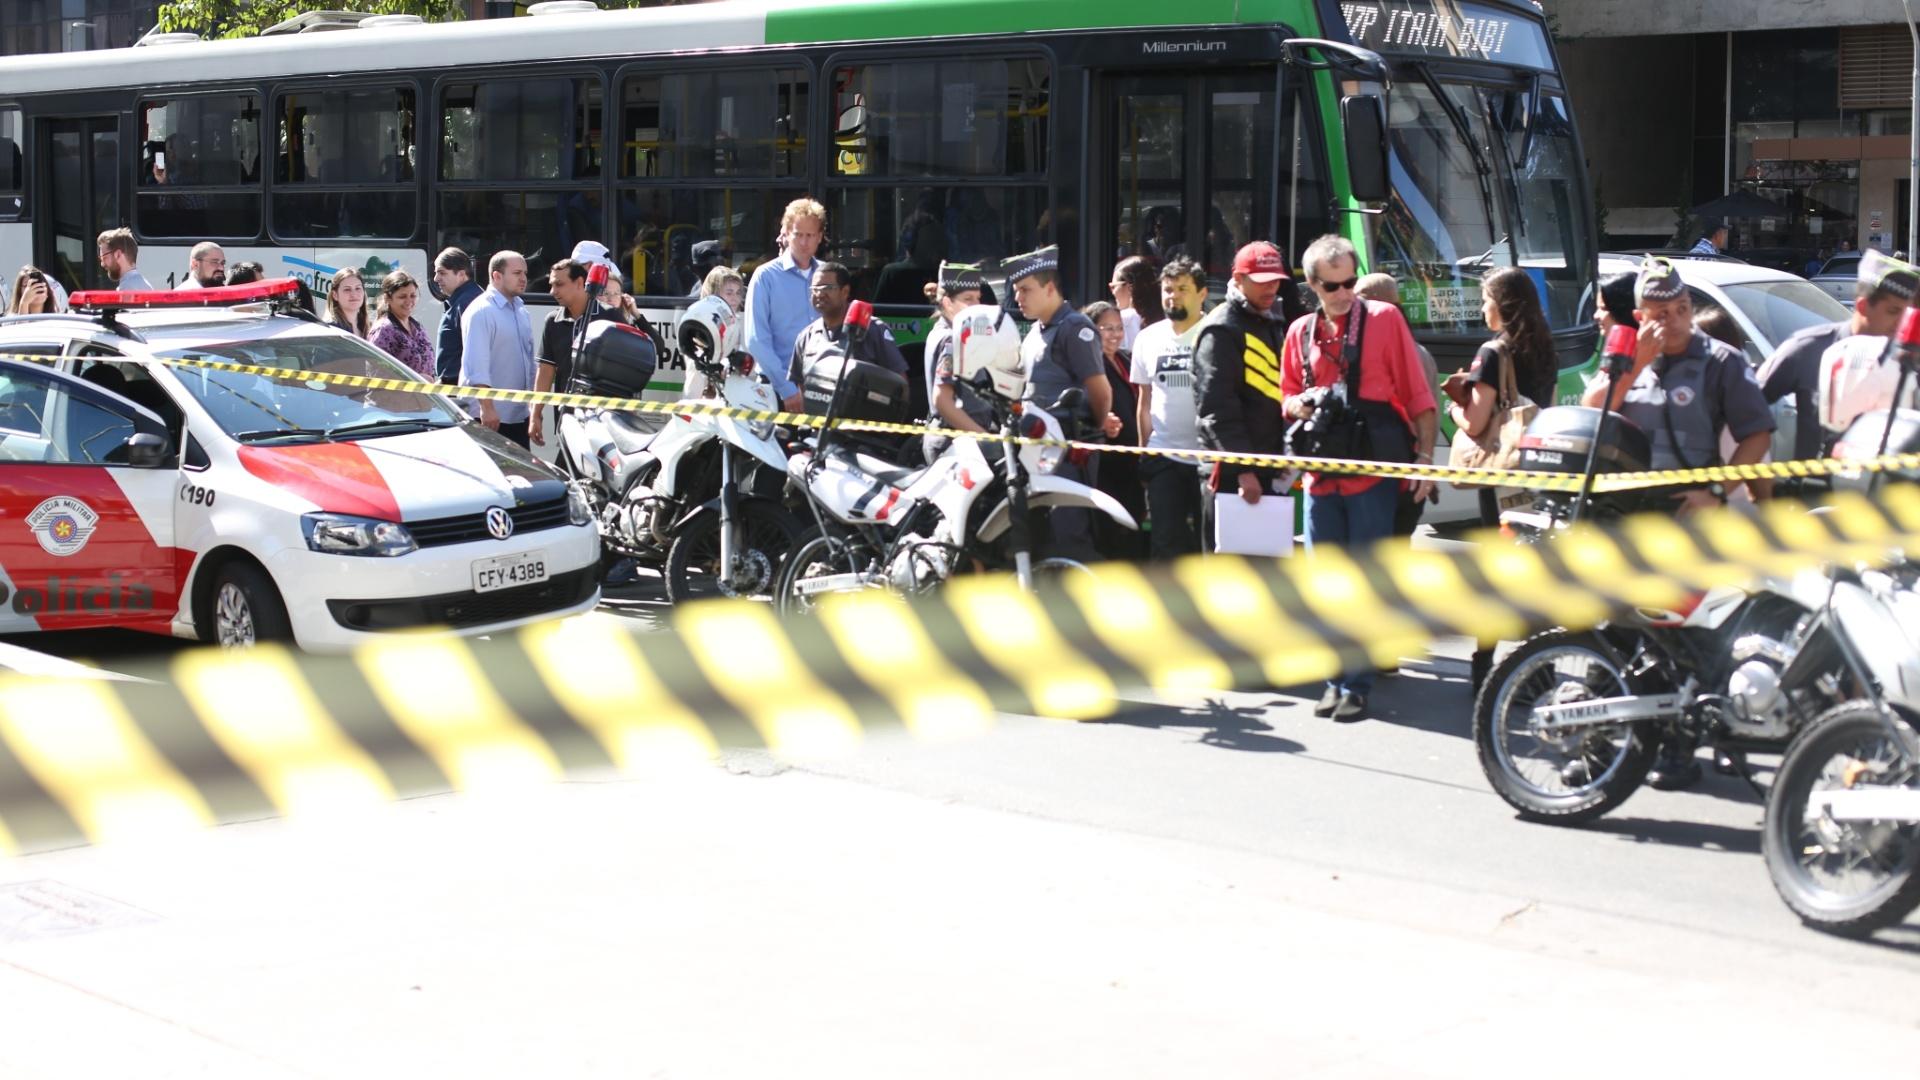 4.ago.2014 - Policiais isolam área onde ocorreu um tiroteio na altura do número 2.000 da avenida Faria Lima, no Jardim Paulistano, zona oeste de São Paulo. Pelo menos quatro pessoas ficaram feriadas